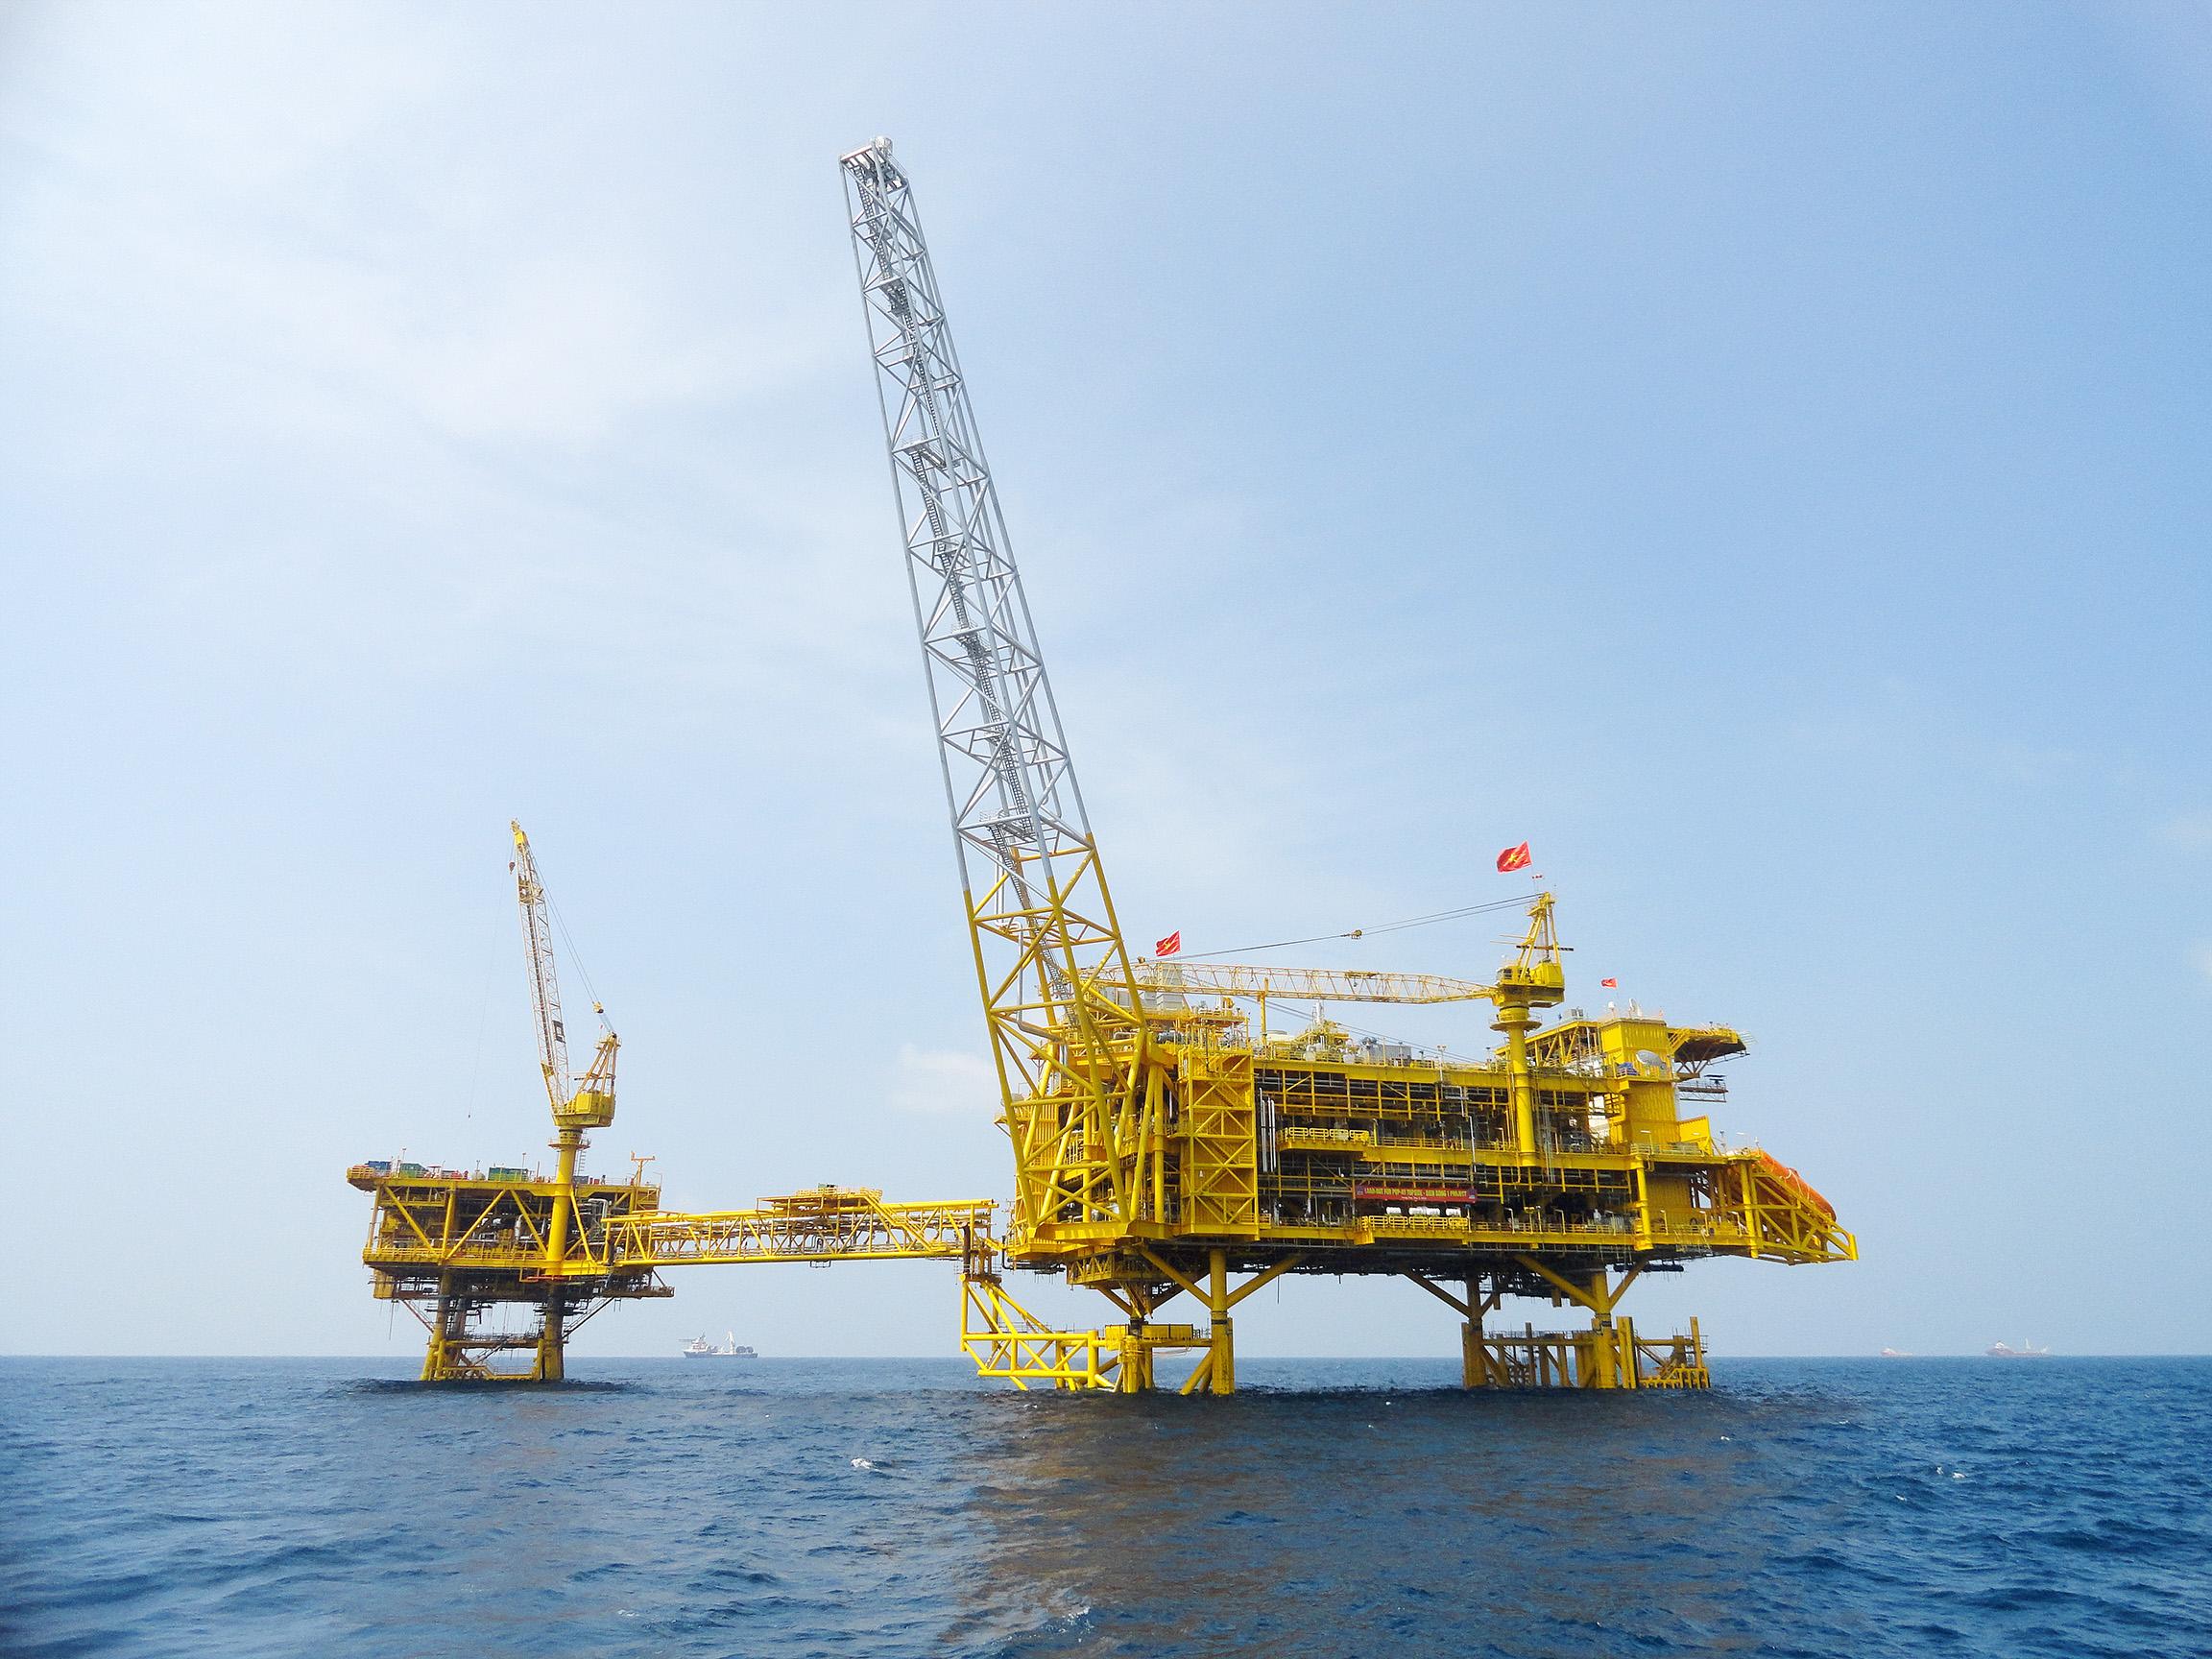 Nếu giá dầu dưới 35 USD/thùng, doanh thu PVN giảm 3 tỷ USD